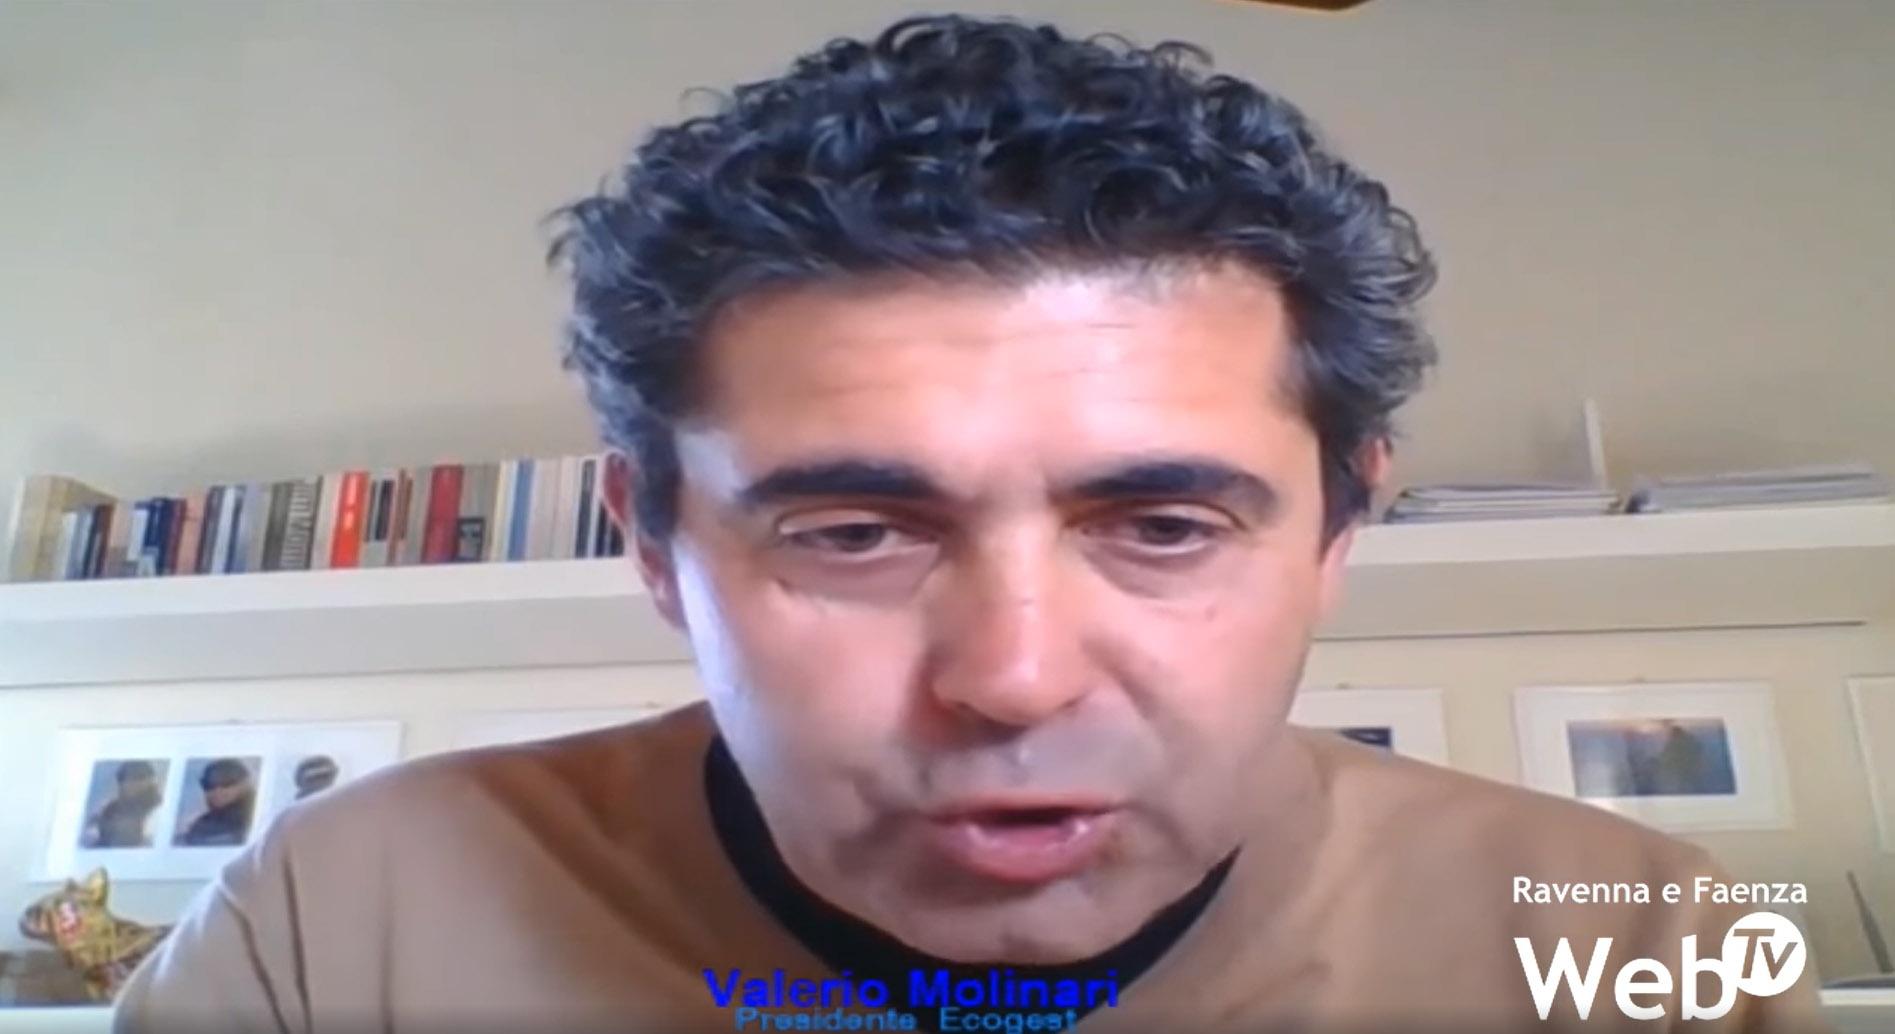 RavennaWebTv intervista Valerio Molinari: al via il progetto welfare di Ecogest